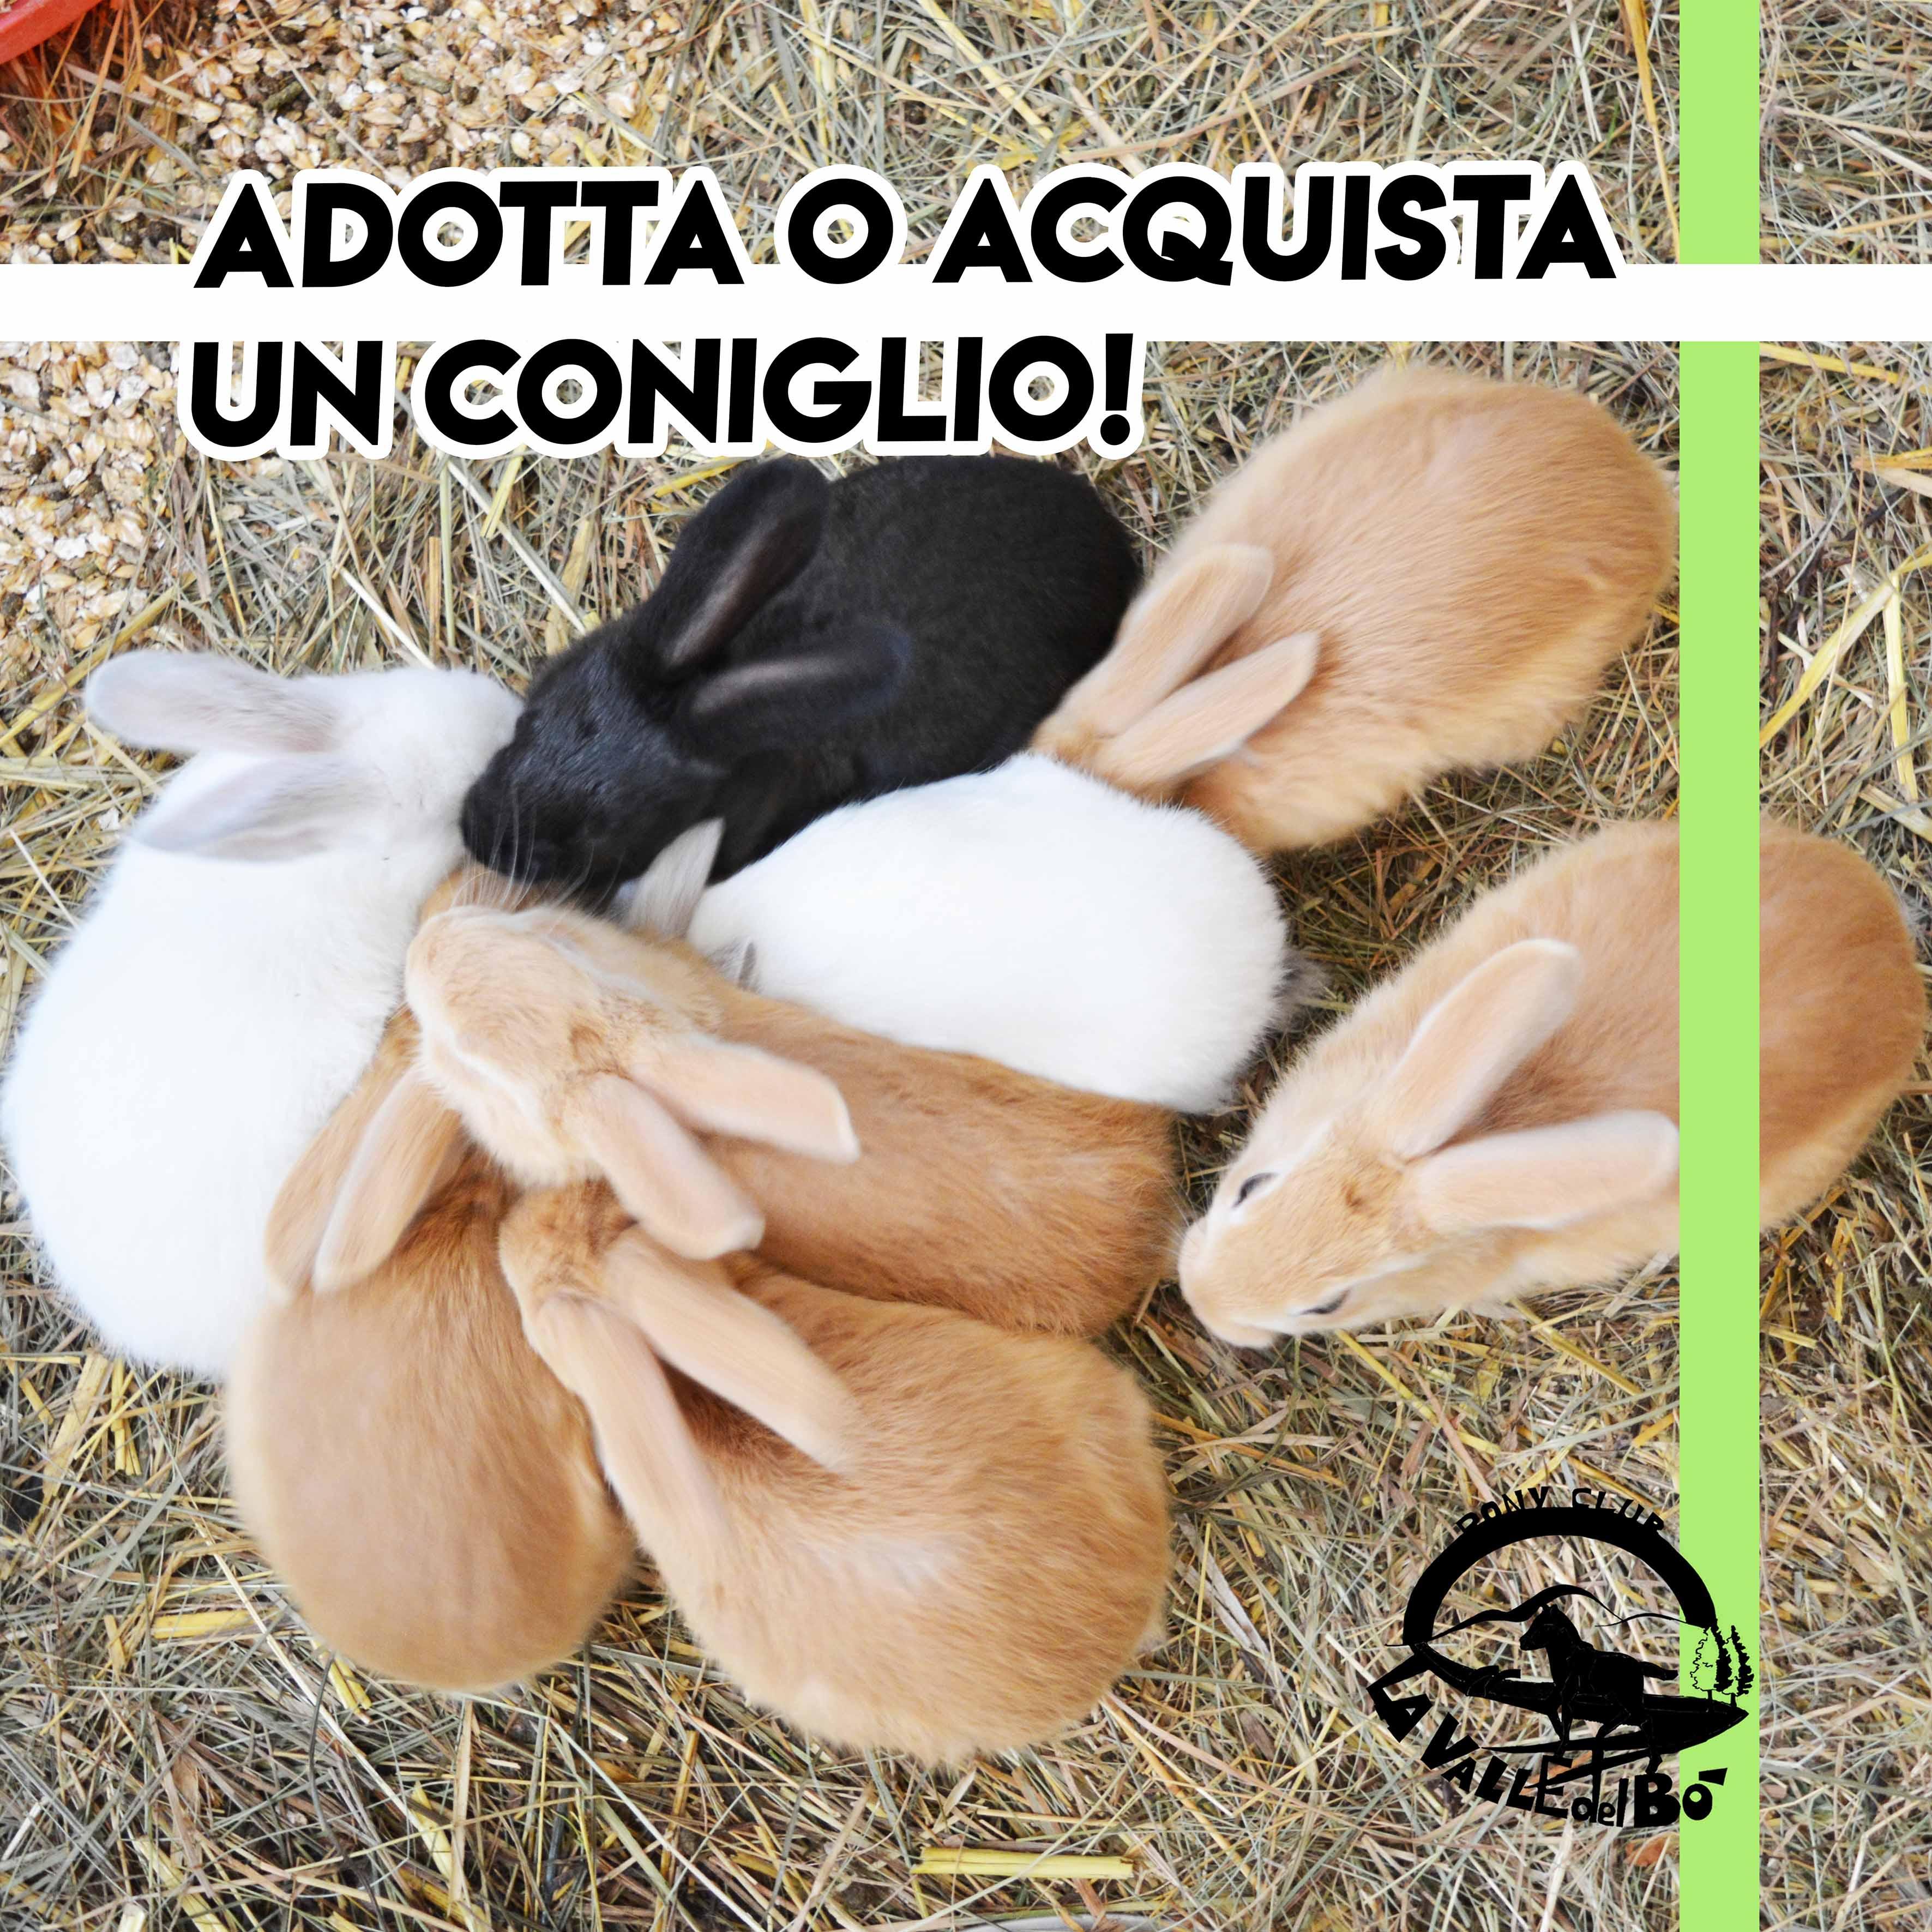 2021_adotta-coniglio_pag01_compact